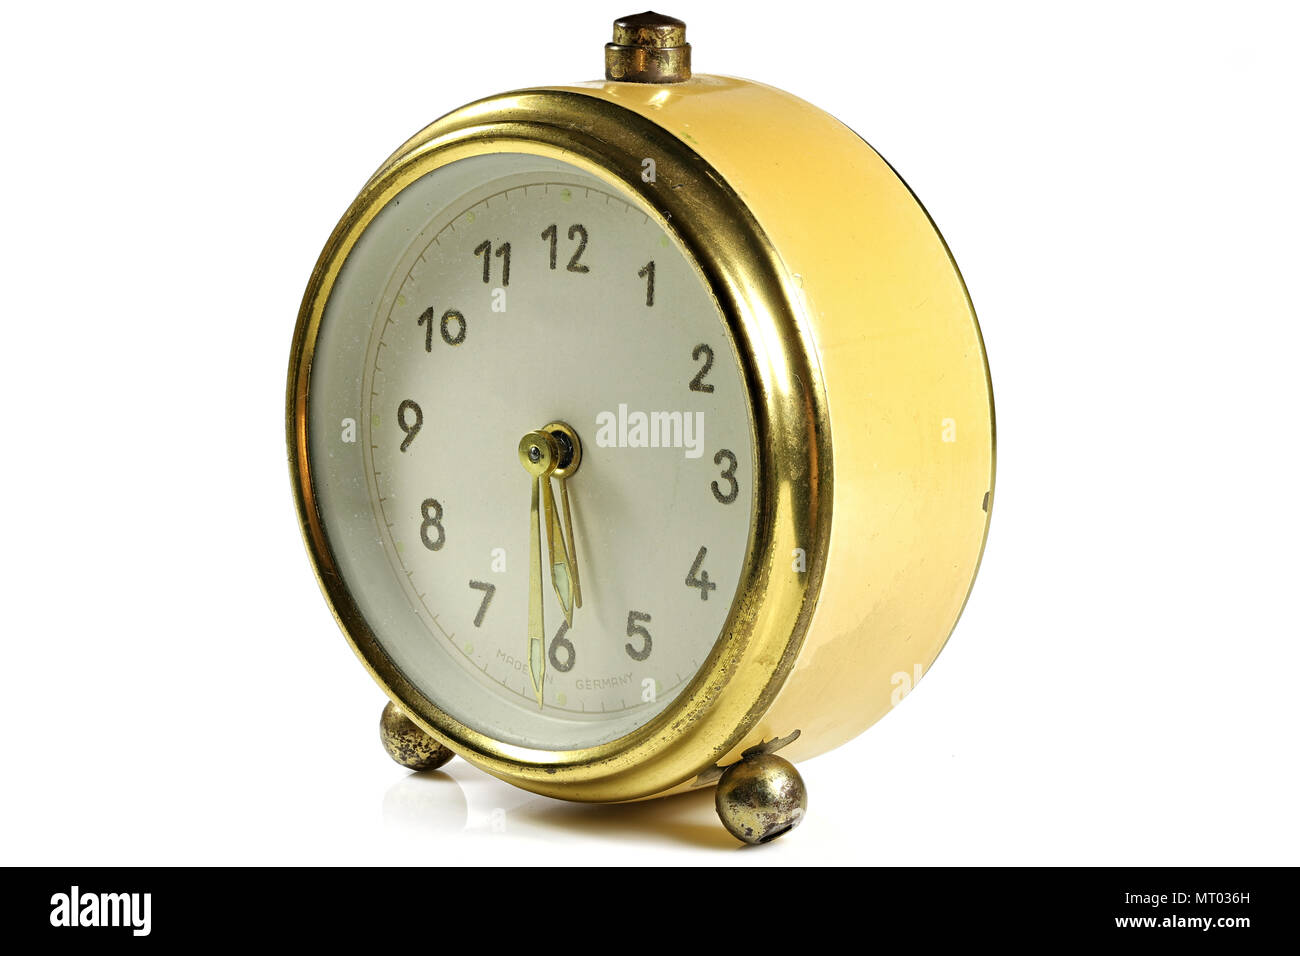 Vintage despertador sonando a las 5:30 aislado sobre fondo blanco. Foto de stock